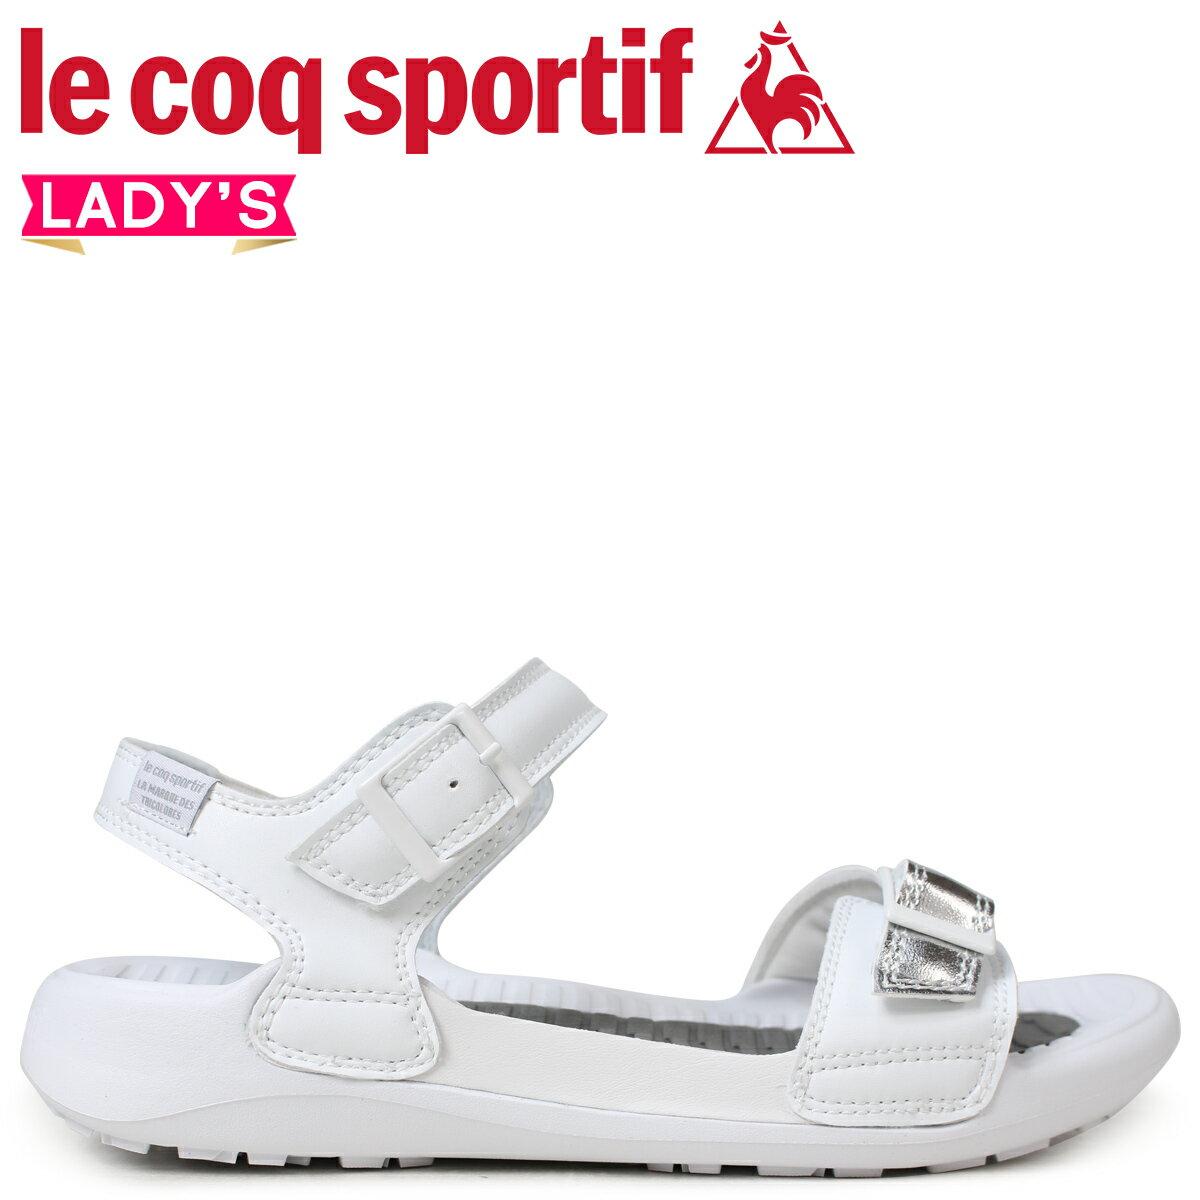 le coq sportif ルコック スポルティフ レディース サンダル LA ジュアン アクティブ 2 JUAN ACTIVE 2 ホワイト 白 QL3LJE30WH